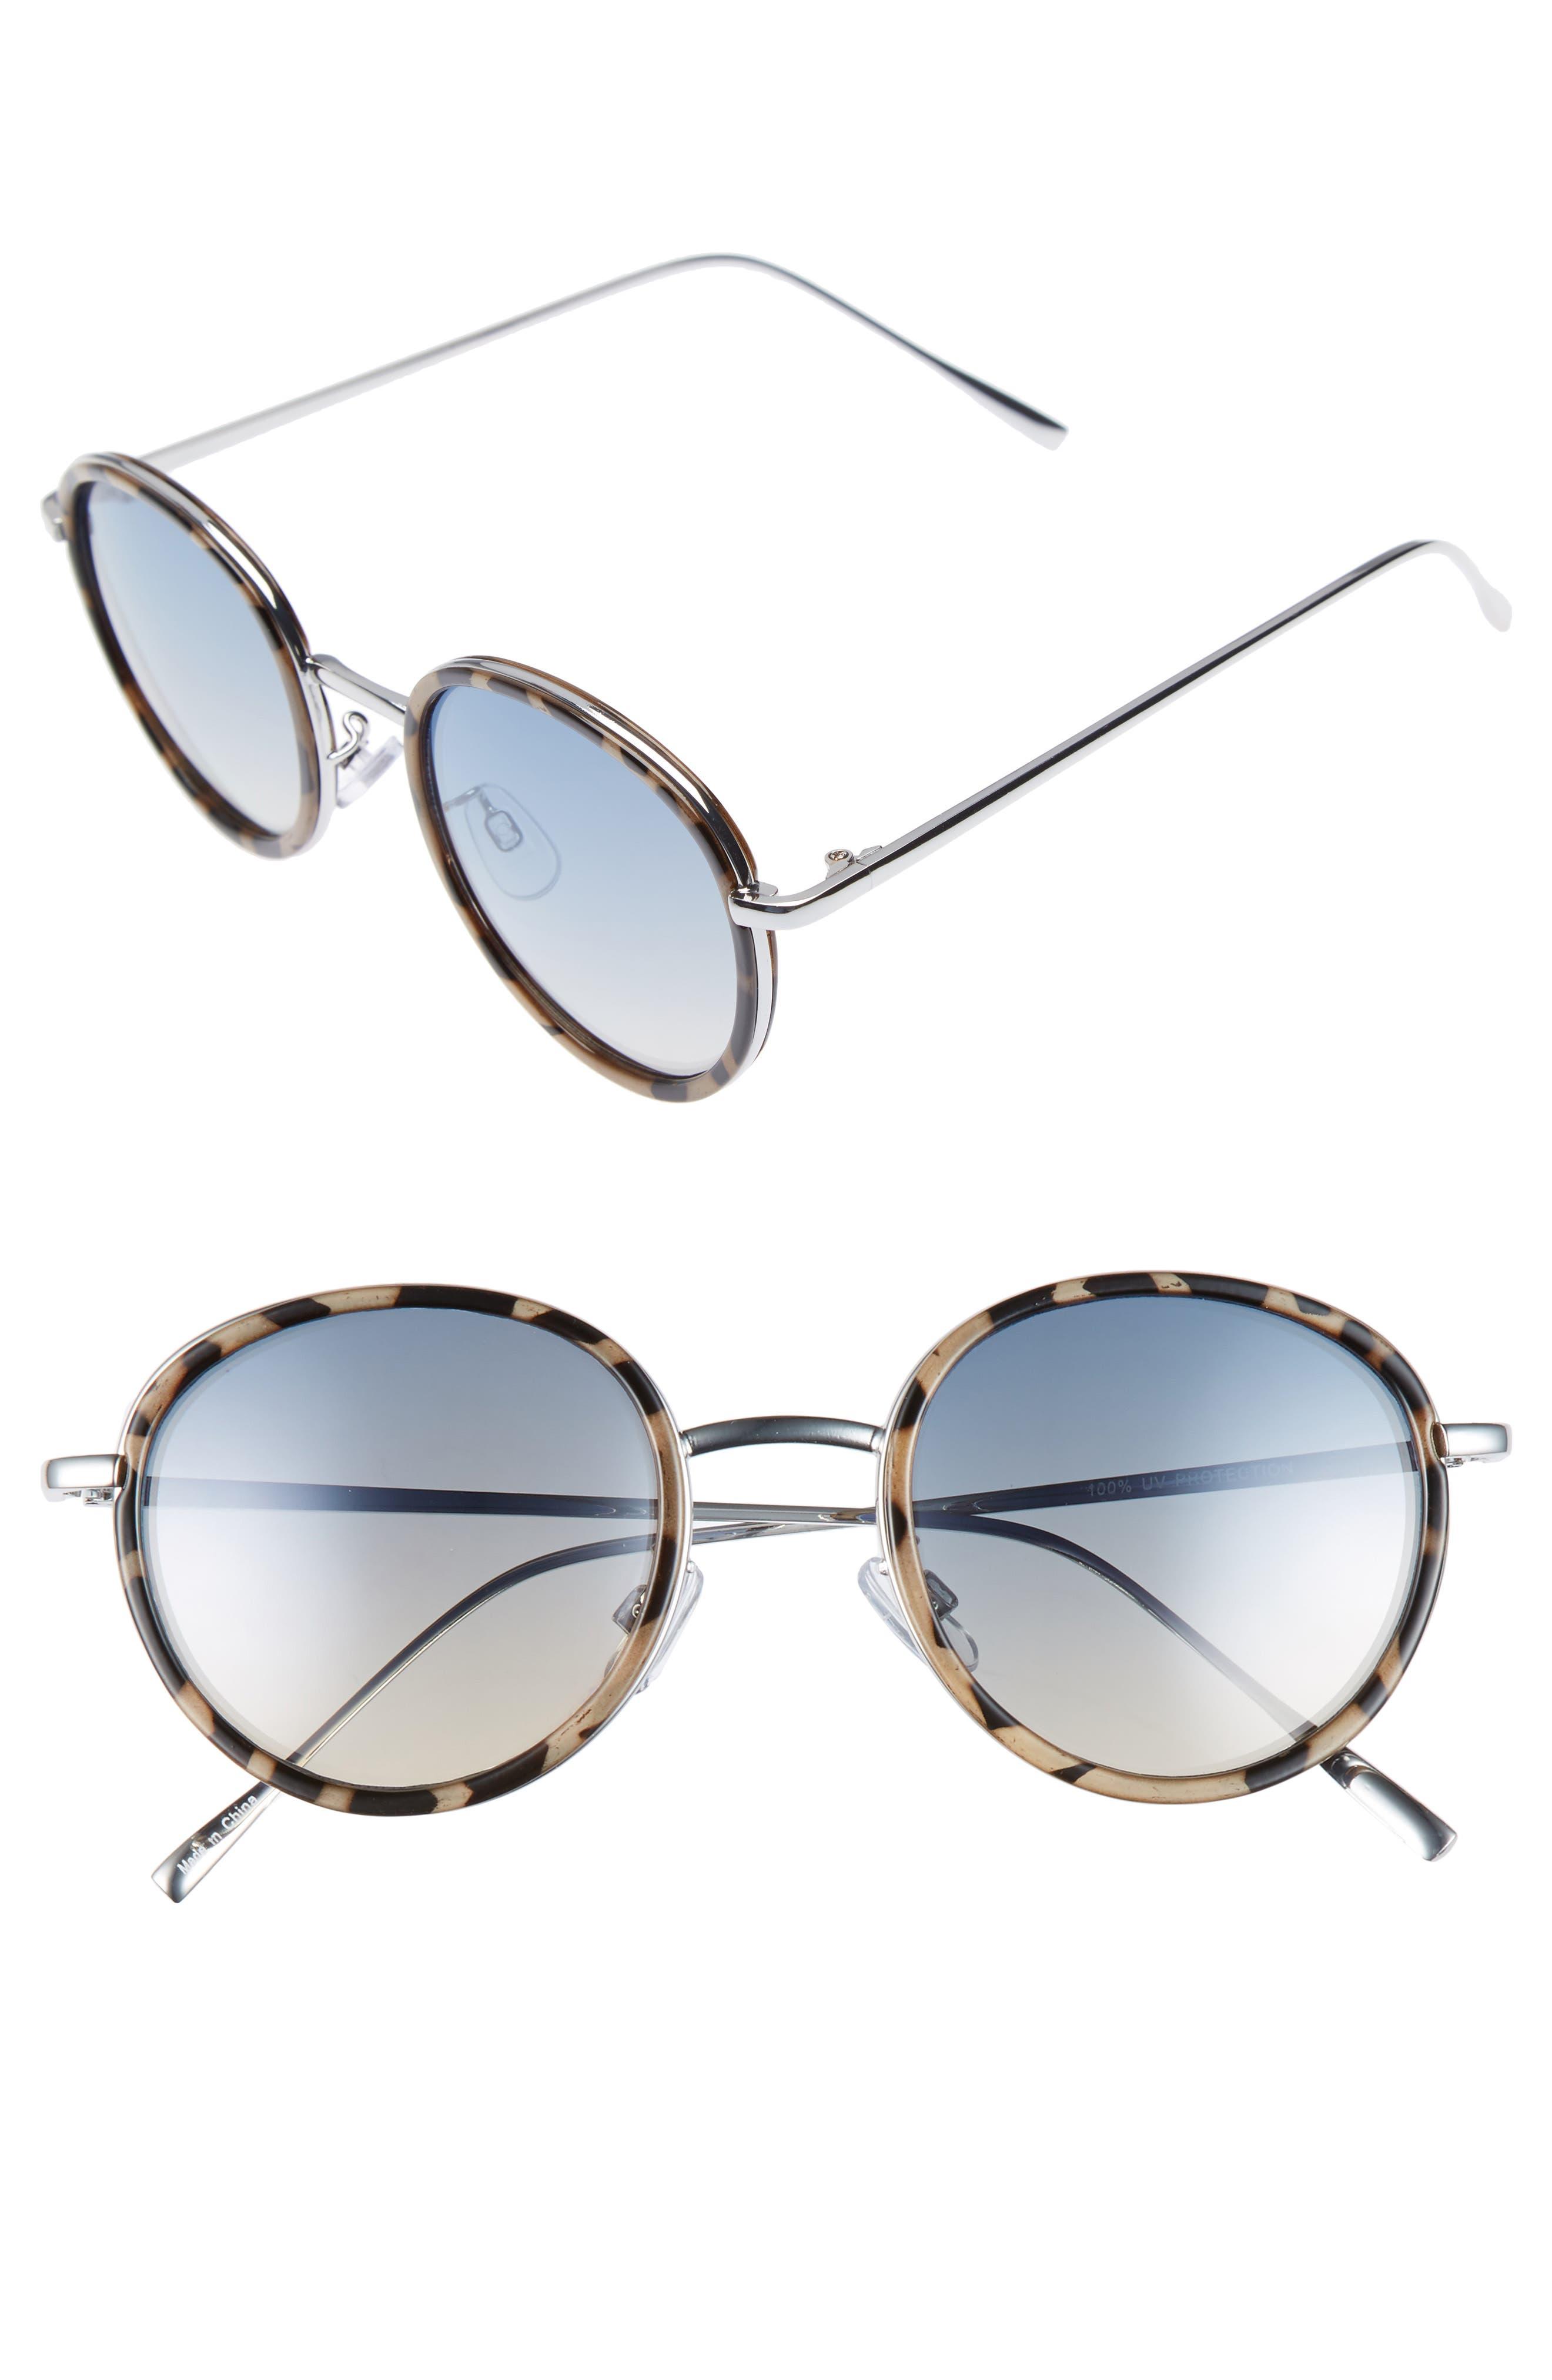 Main Image - BP. Round Sunglasses